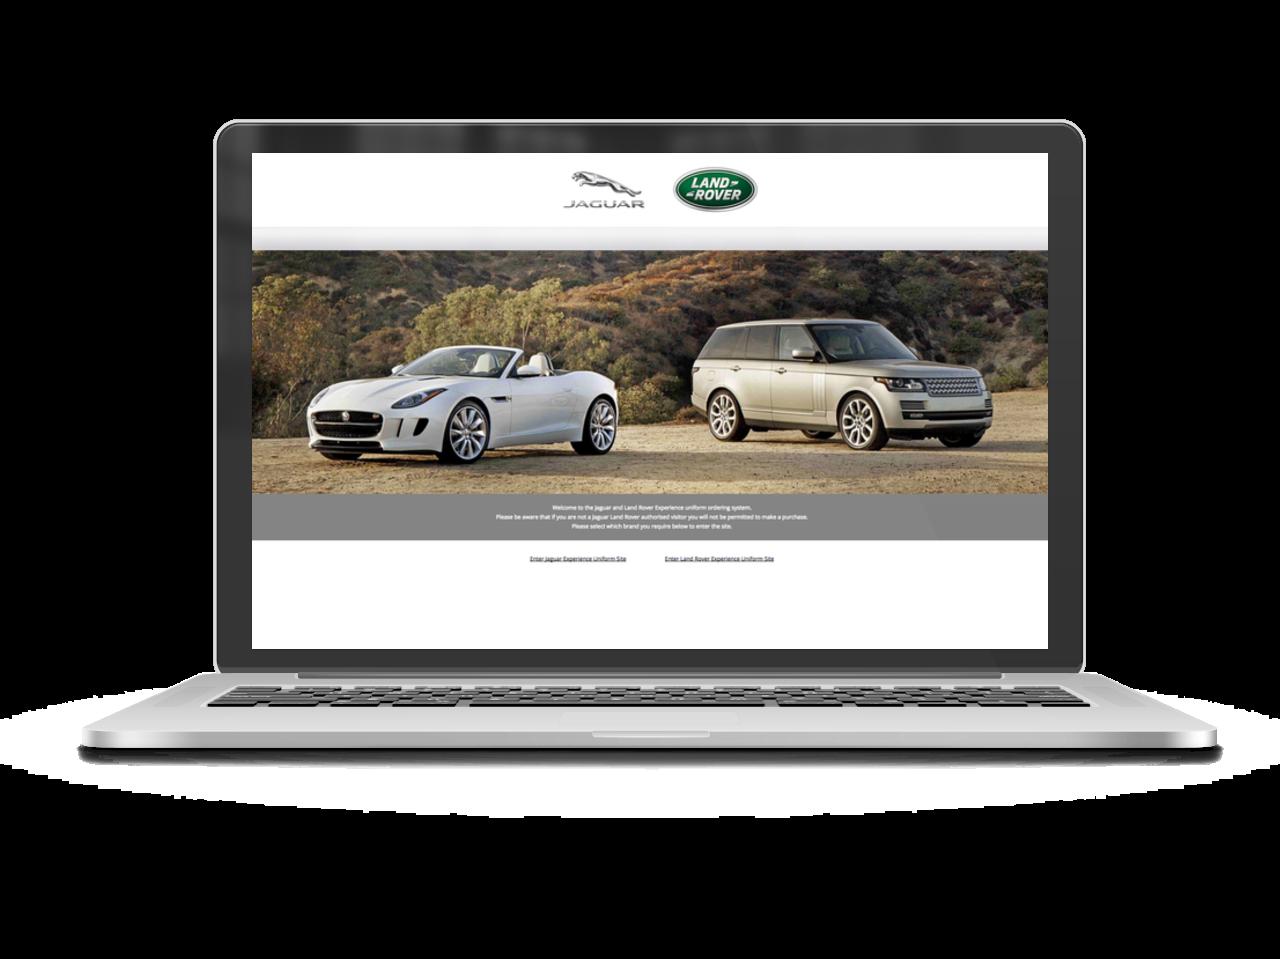 Jaguar Land Rover Portal Page